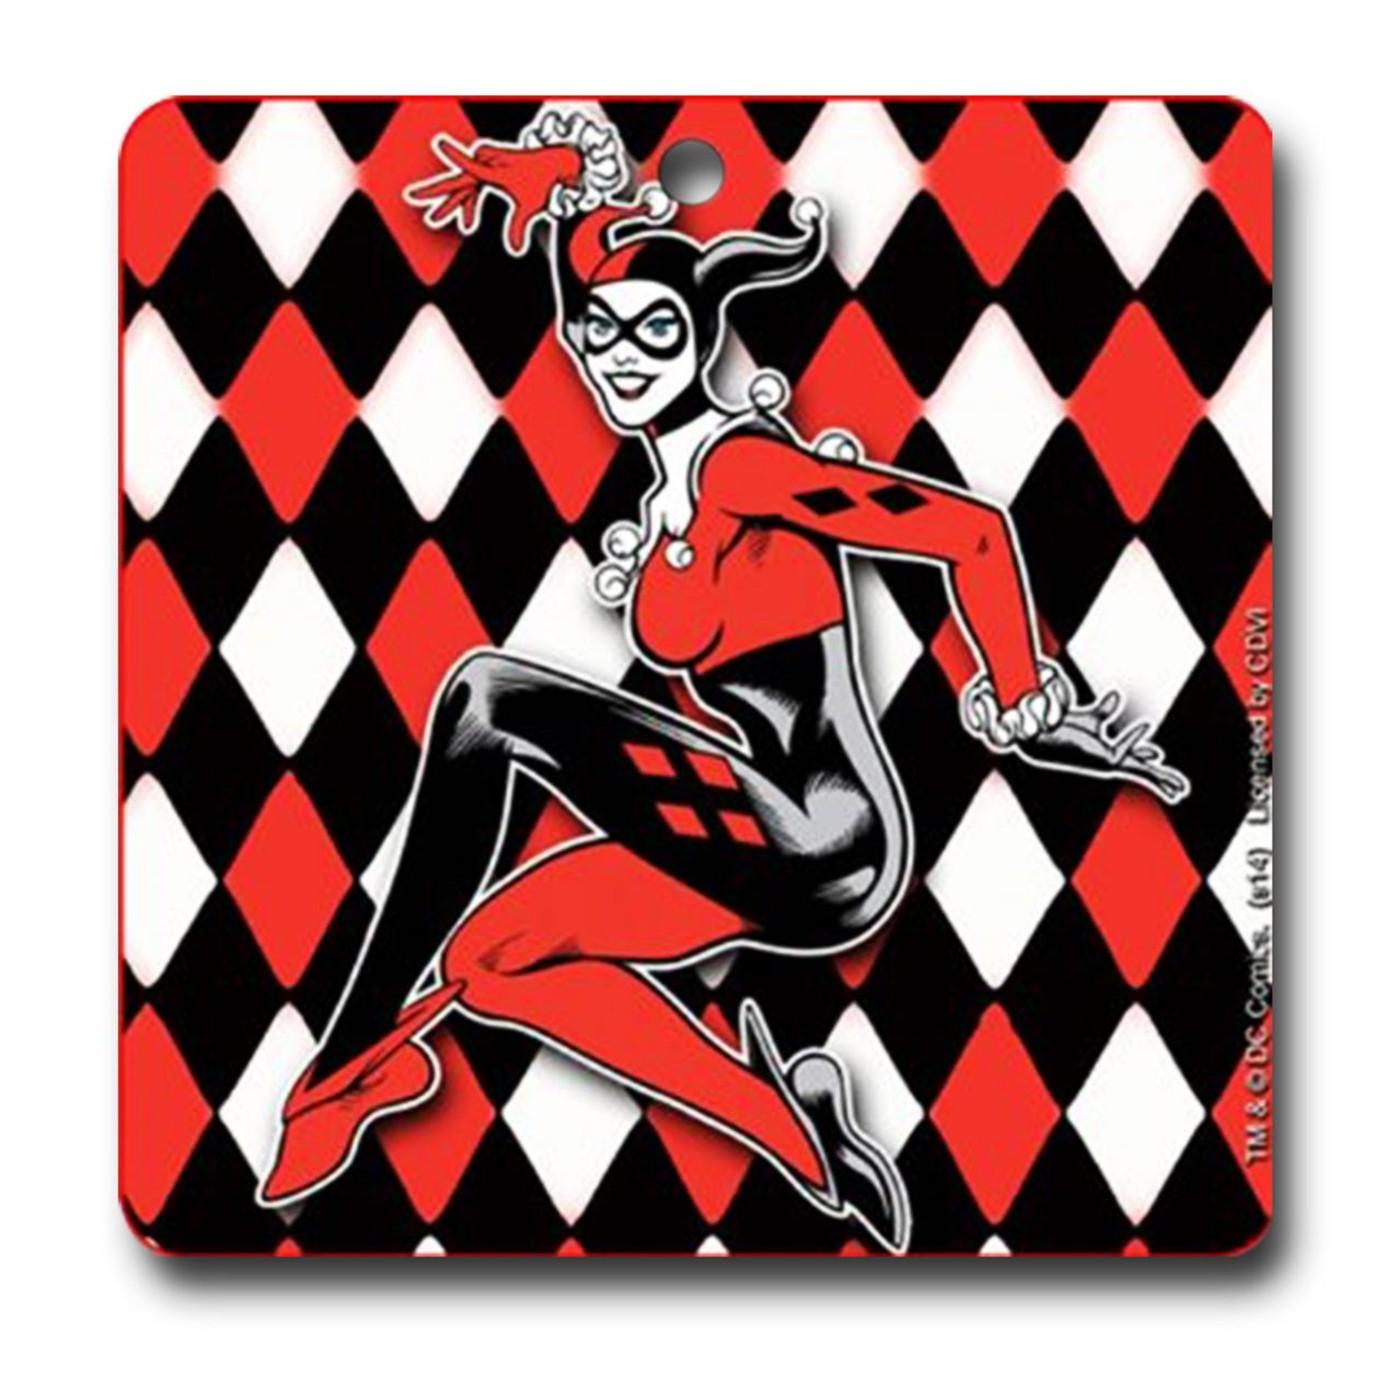 Harley Quinn Car Air Freshener